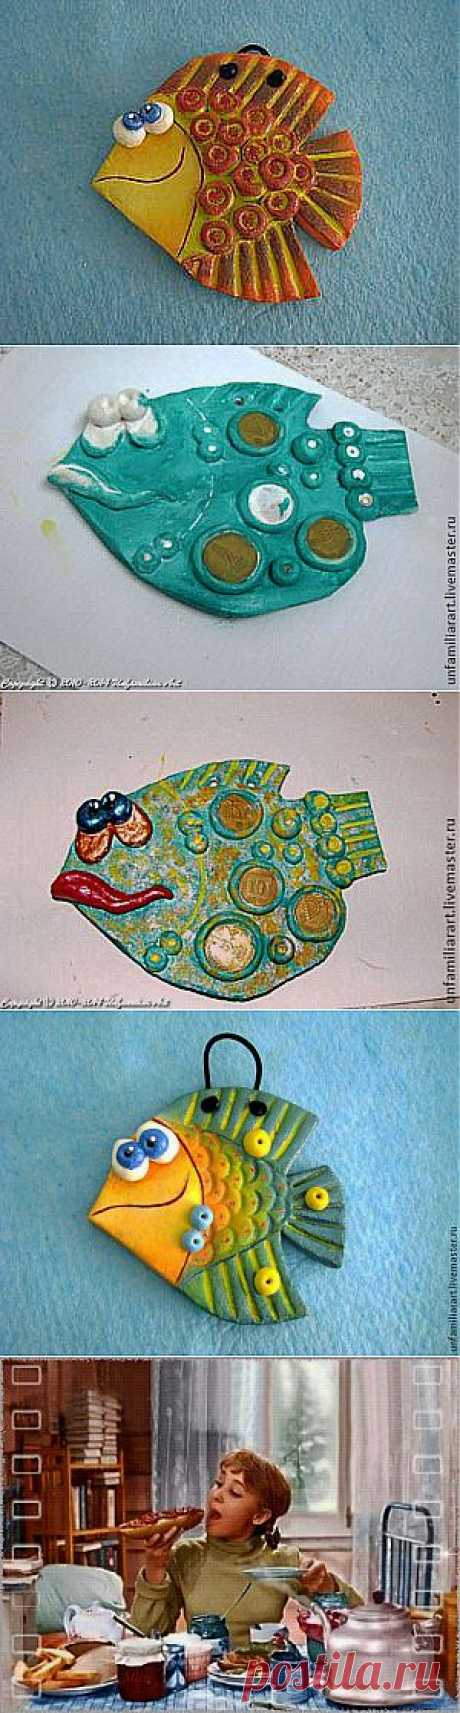 Денежная рыбка из соленого теста. Автор Анна Фруг | Очумелые ручки